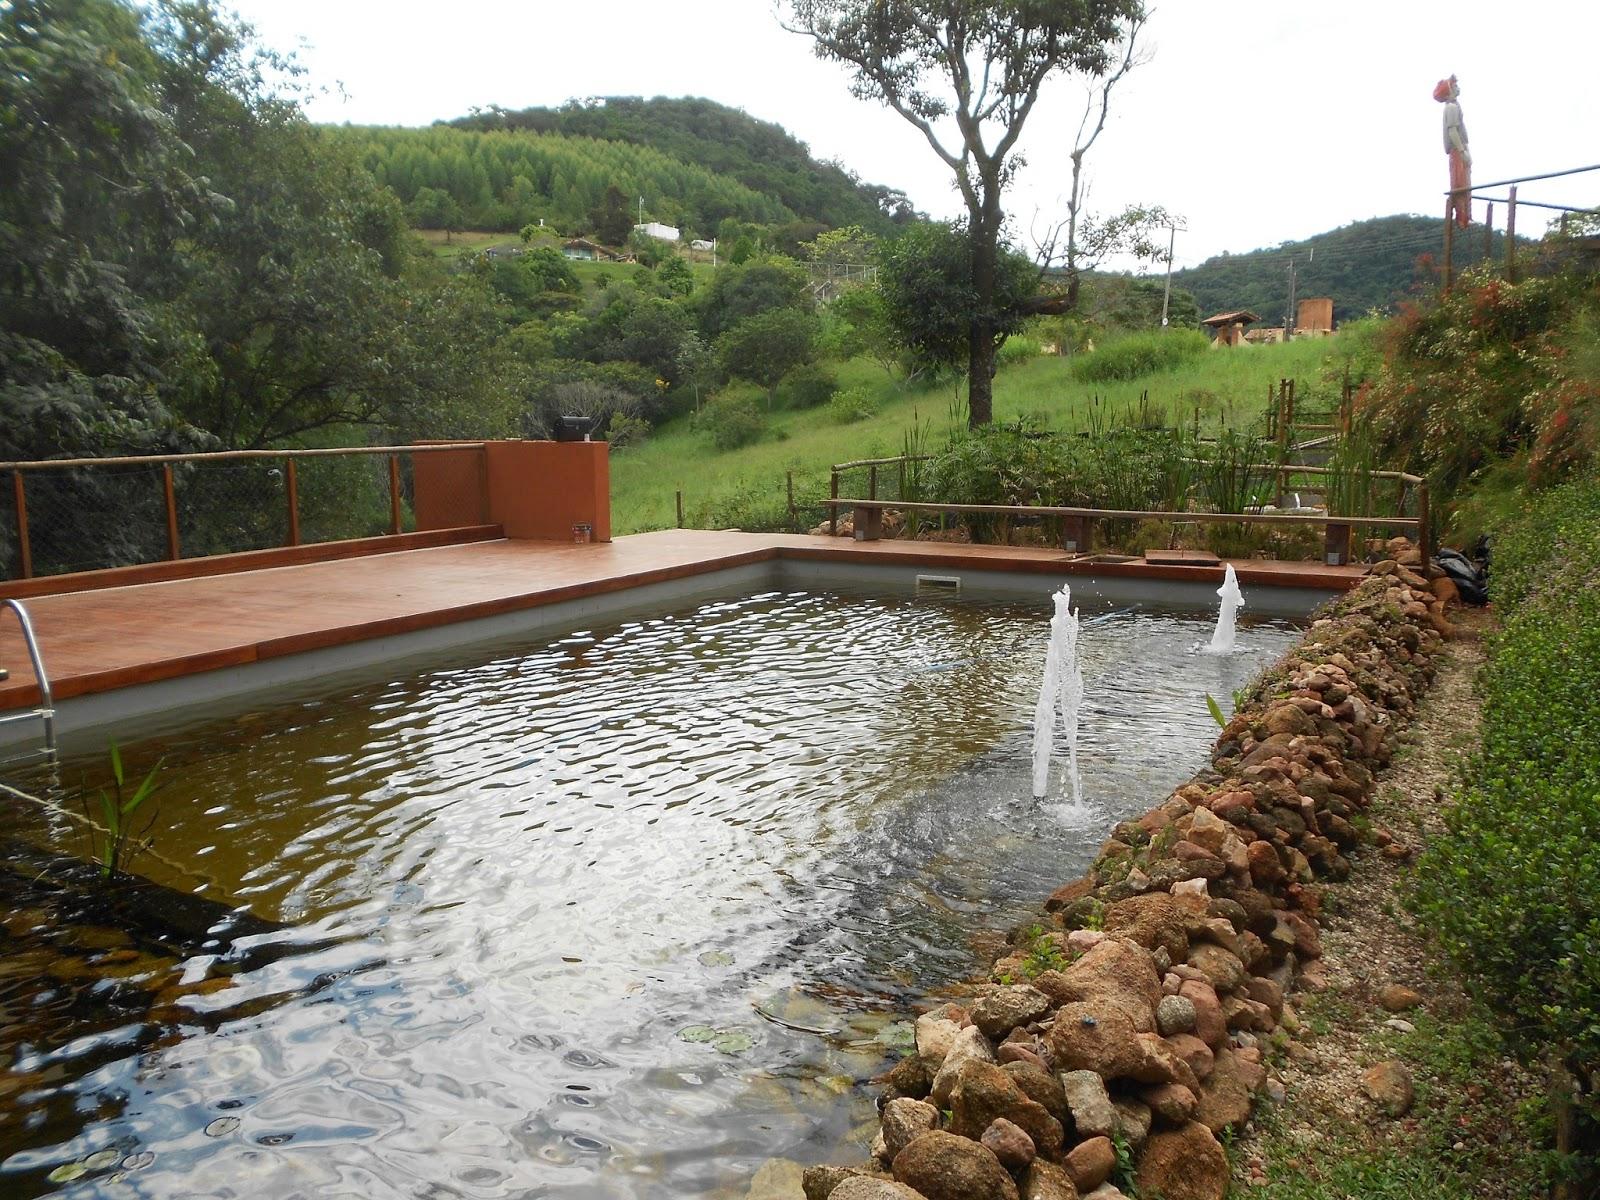 Instituto da madeira piscina biol gica em itatiba s o paulo for Construir piscina natural